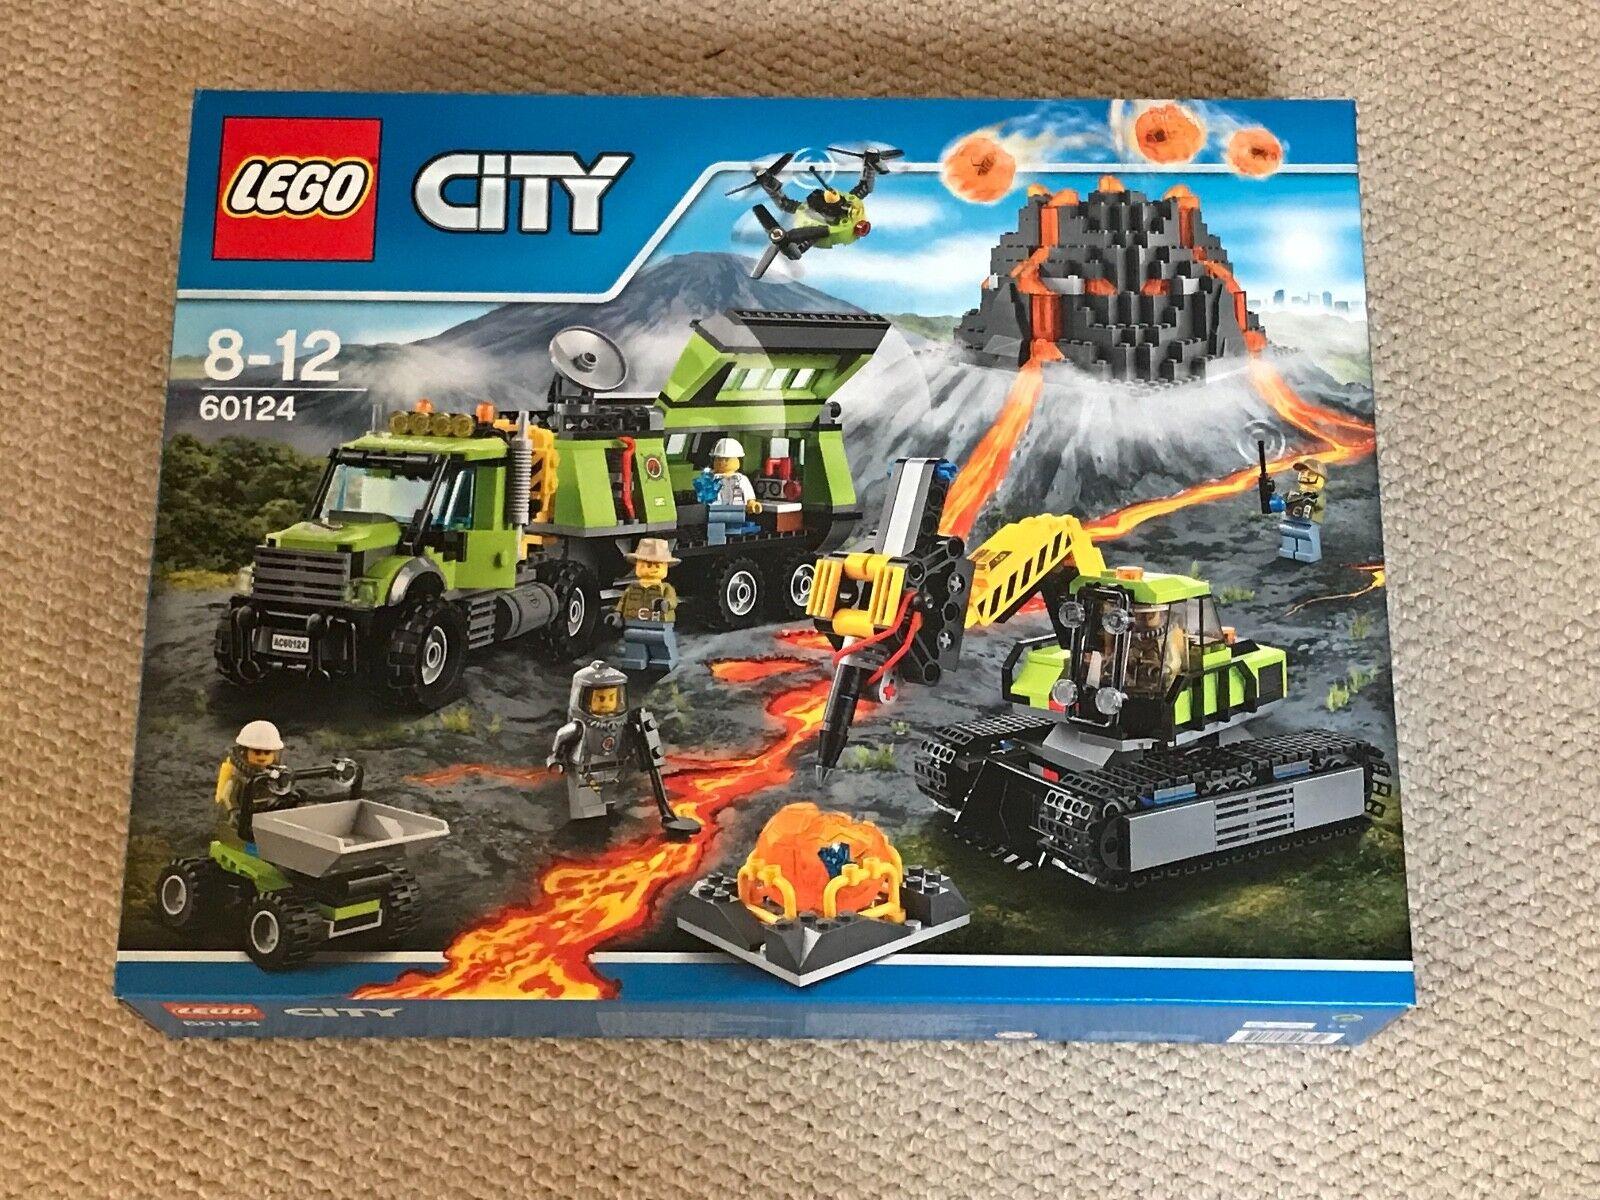 Rare-lego city 60124 volcan exploration  Base-nouveau & Sealed-Libre p&p  pas cher